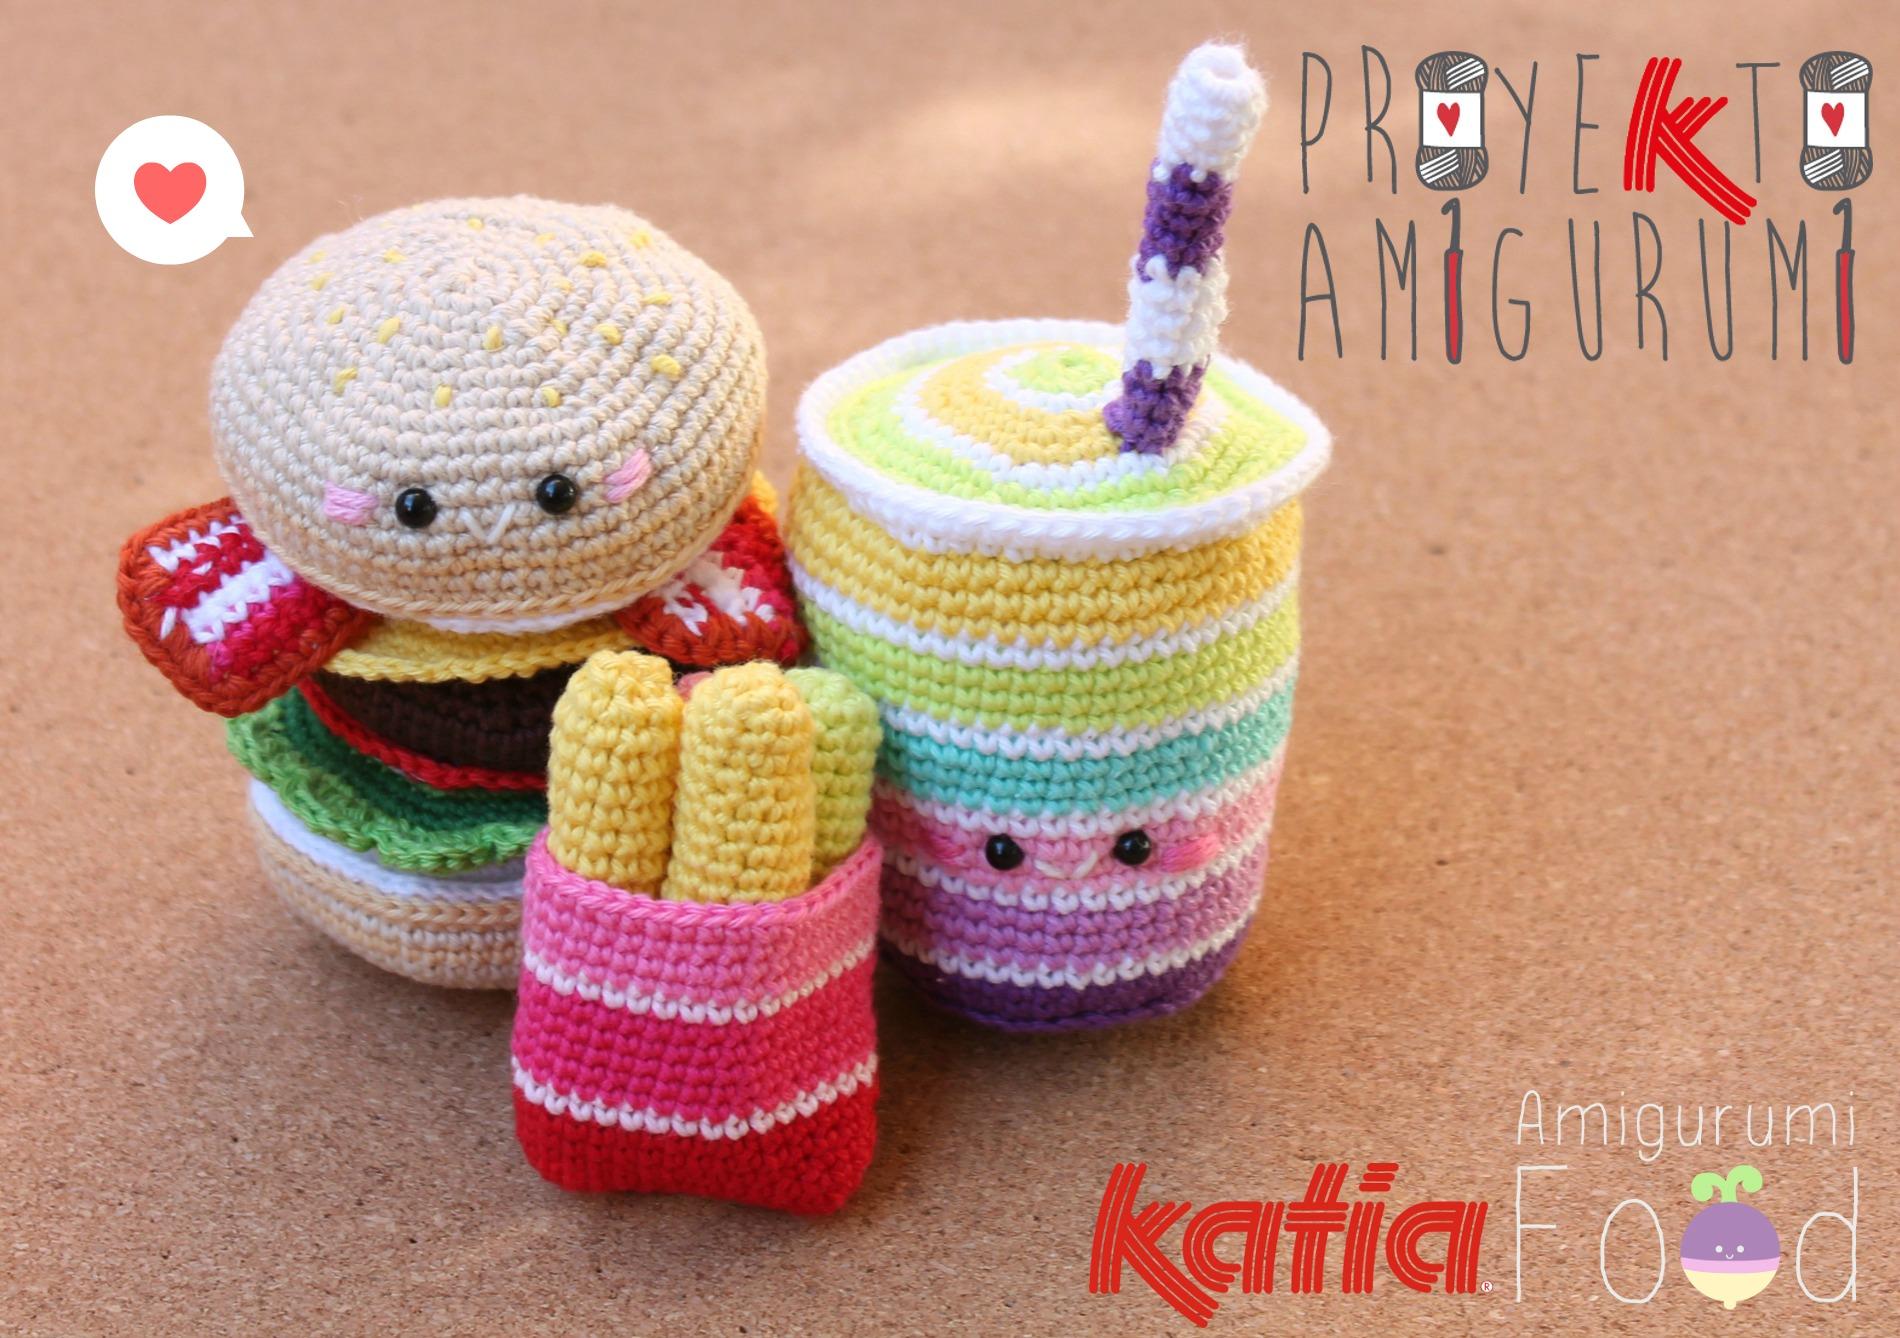 Amigurumi Patterns Free Food : Proyekto Amigurumi. Combo by Amigurumi Food